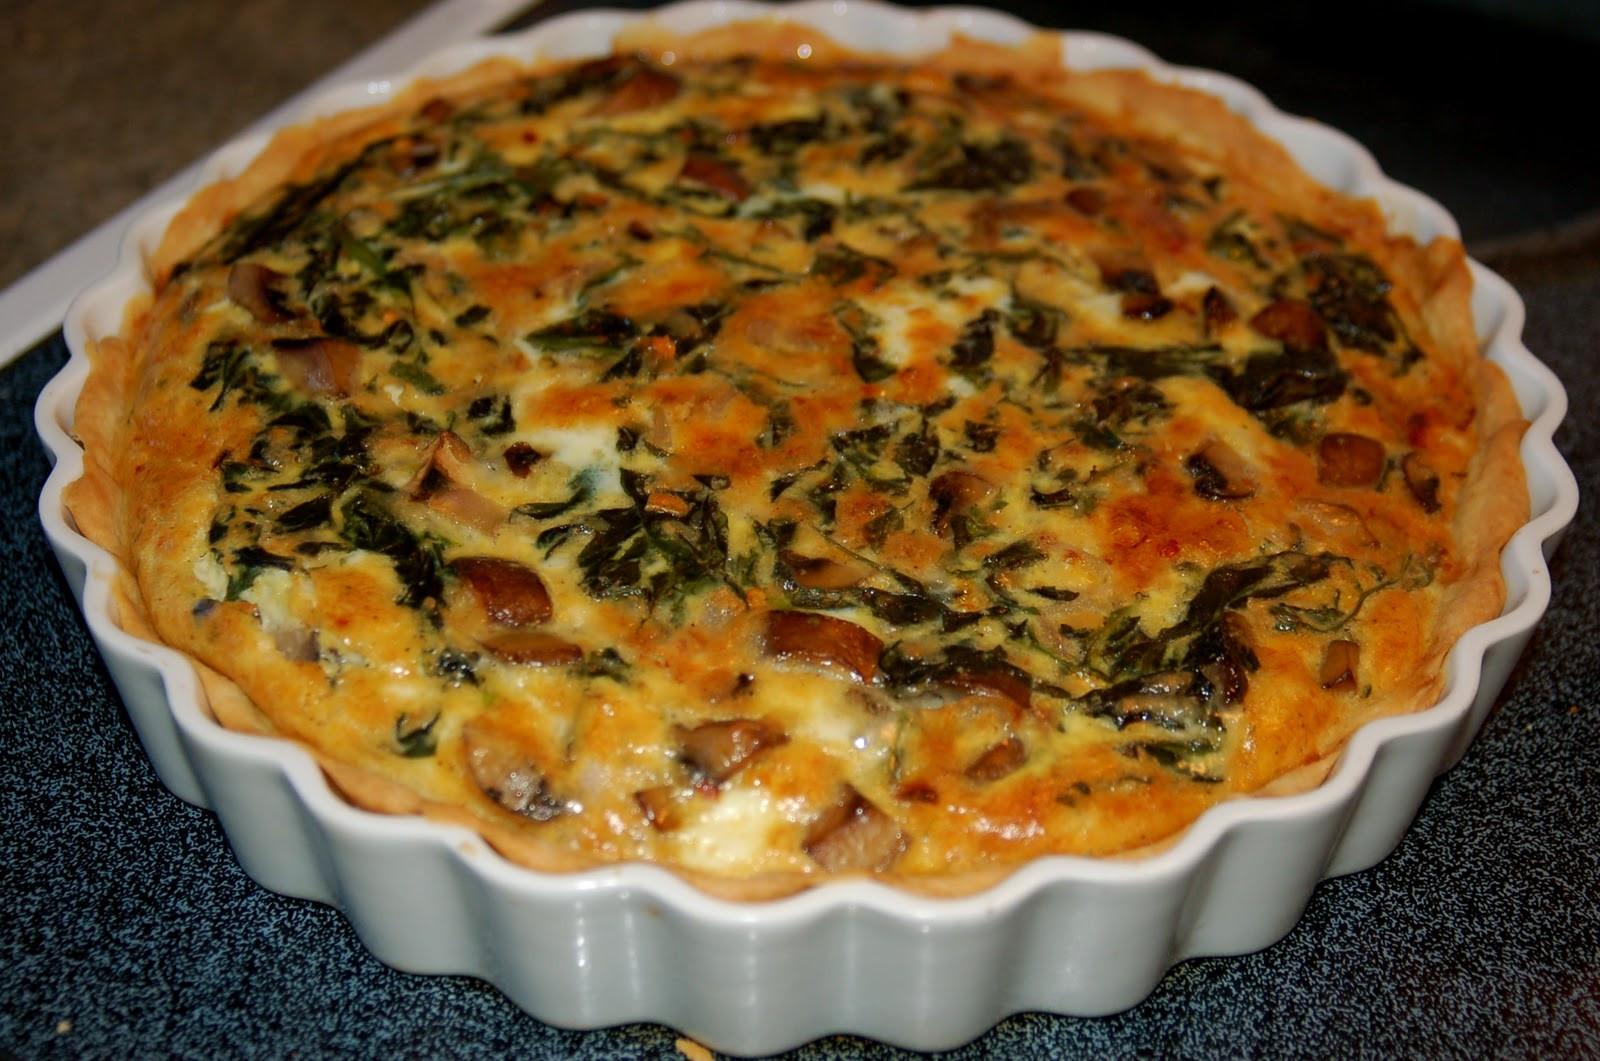 Mushroom Quiche Recipe  Spinach Mushroom Quiche Recipe — Dishmaps